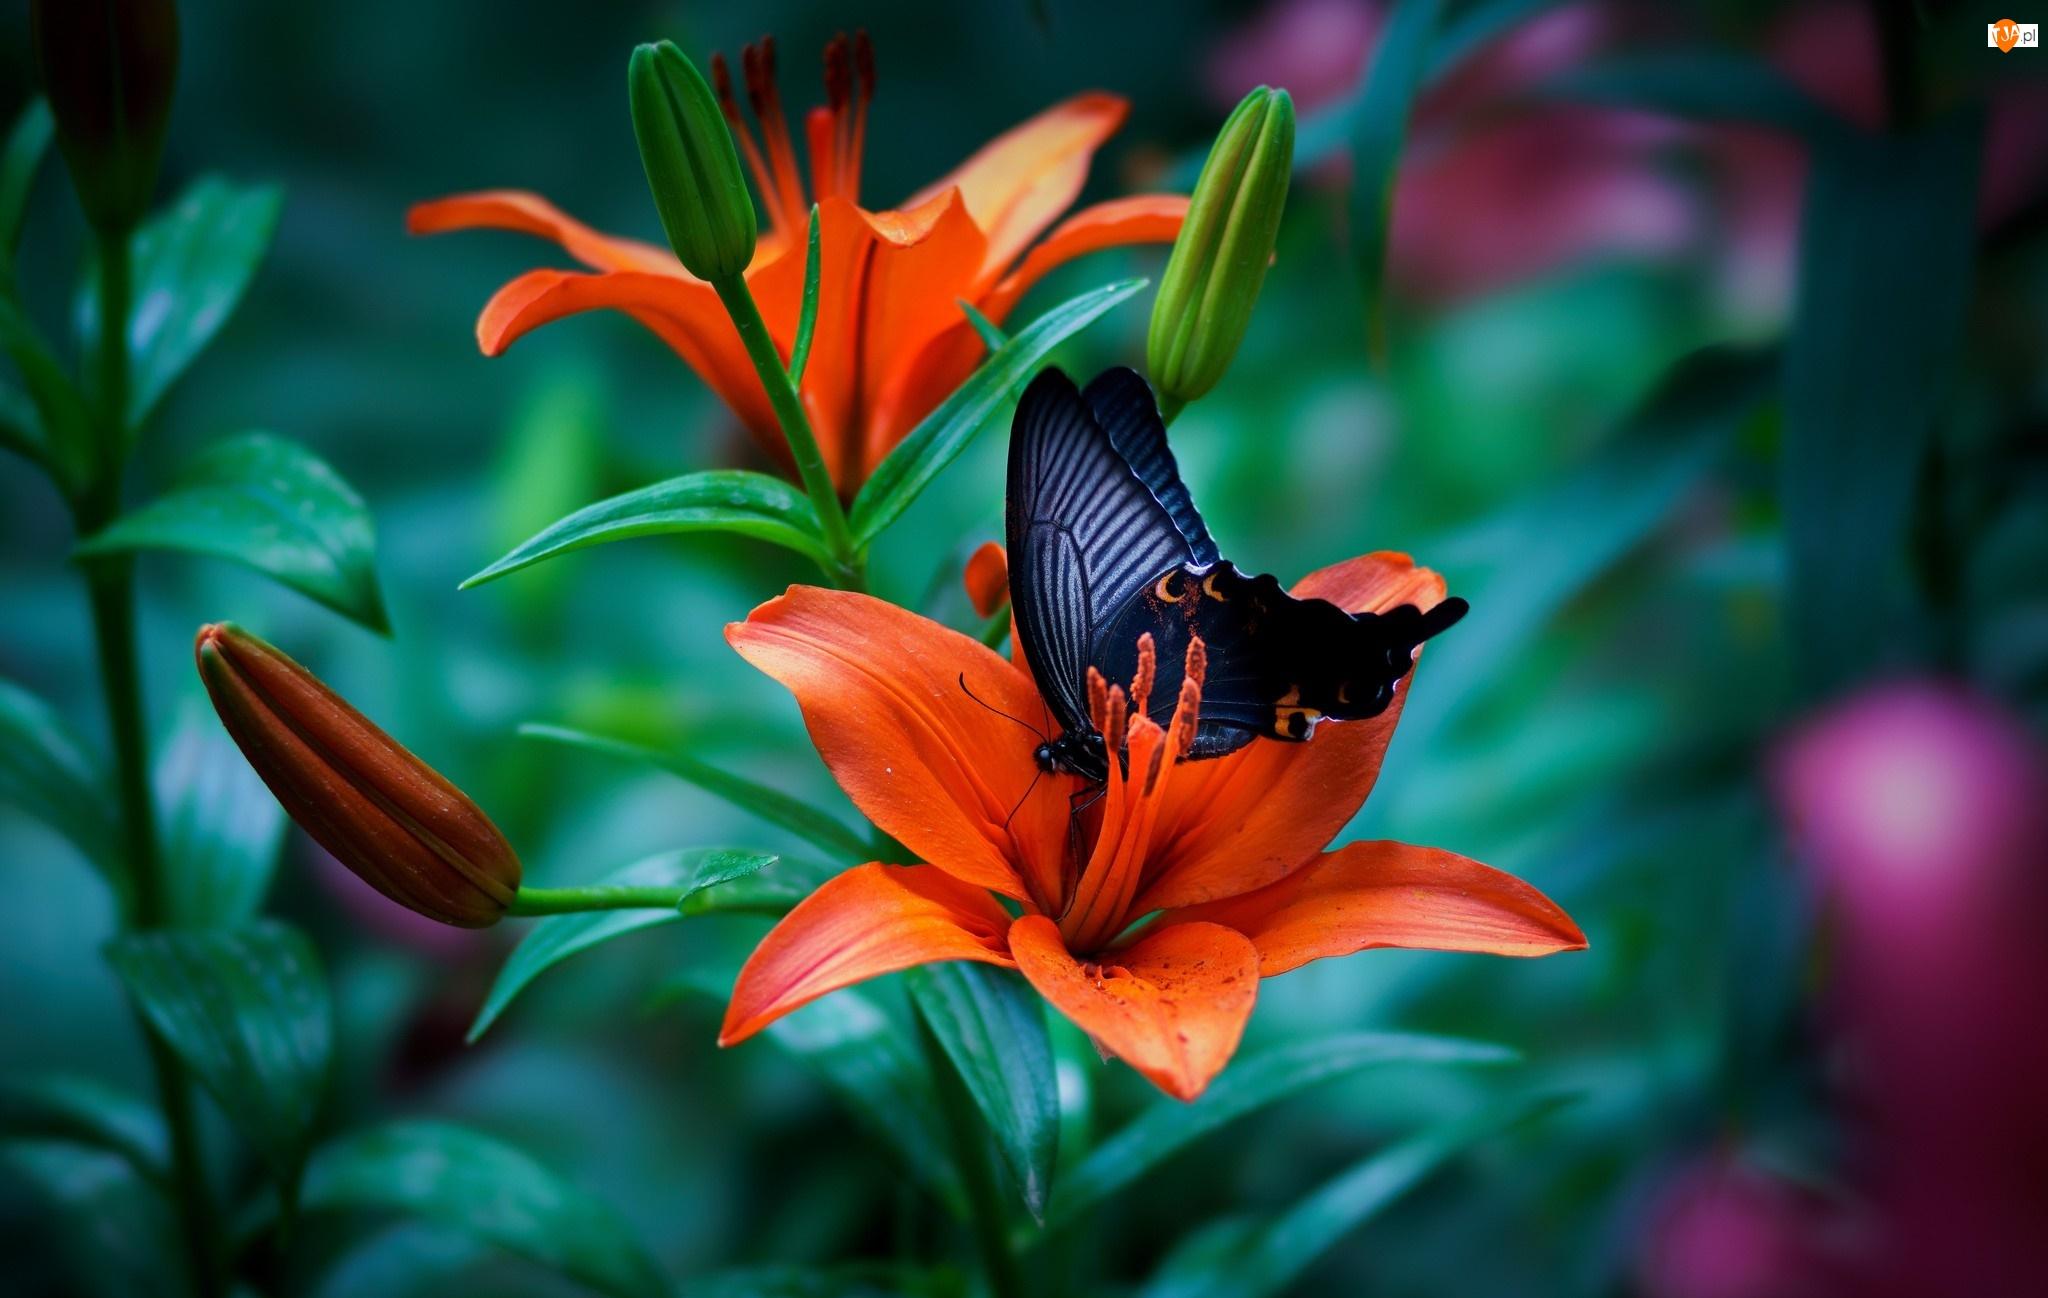 Papilio okinawensis, Lilie, Czarny, Kwiaty, Motyl